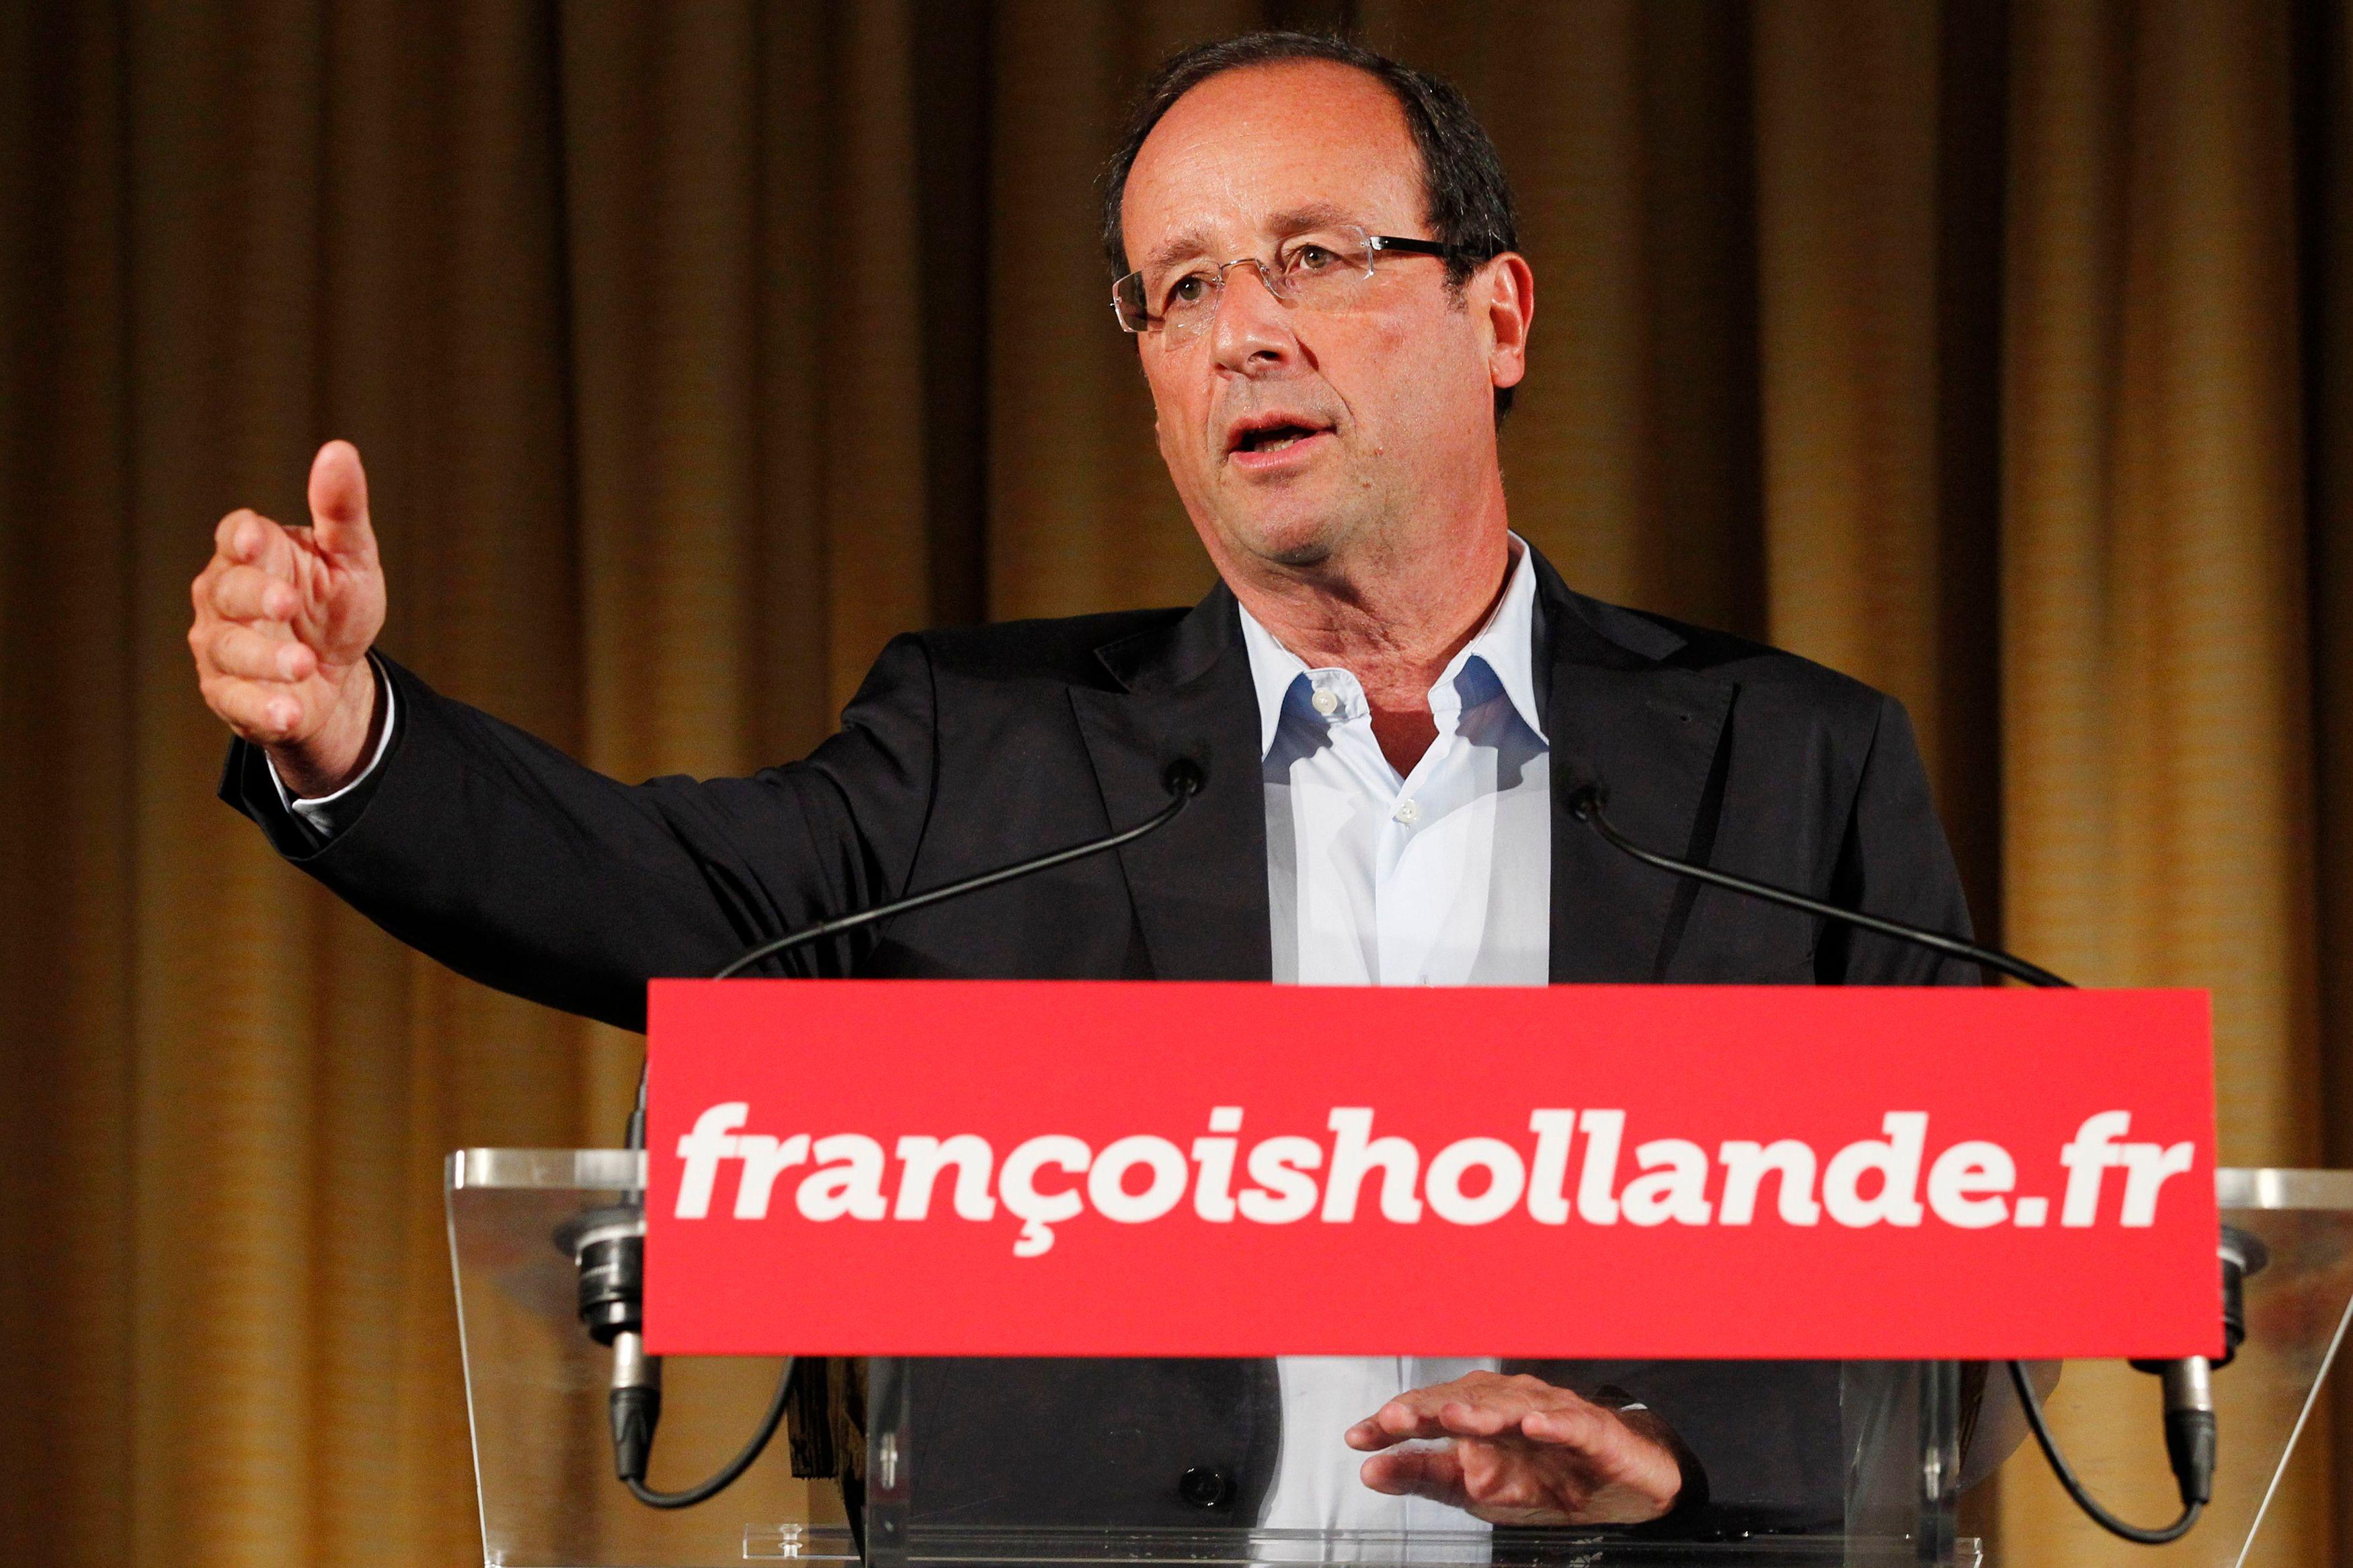 Sondage : question popularité, Hollande touche le fond (ou pas encore)